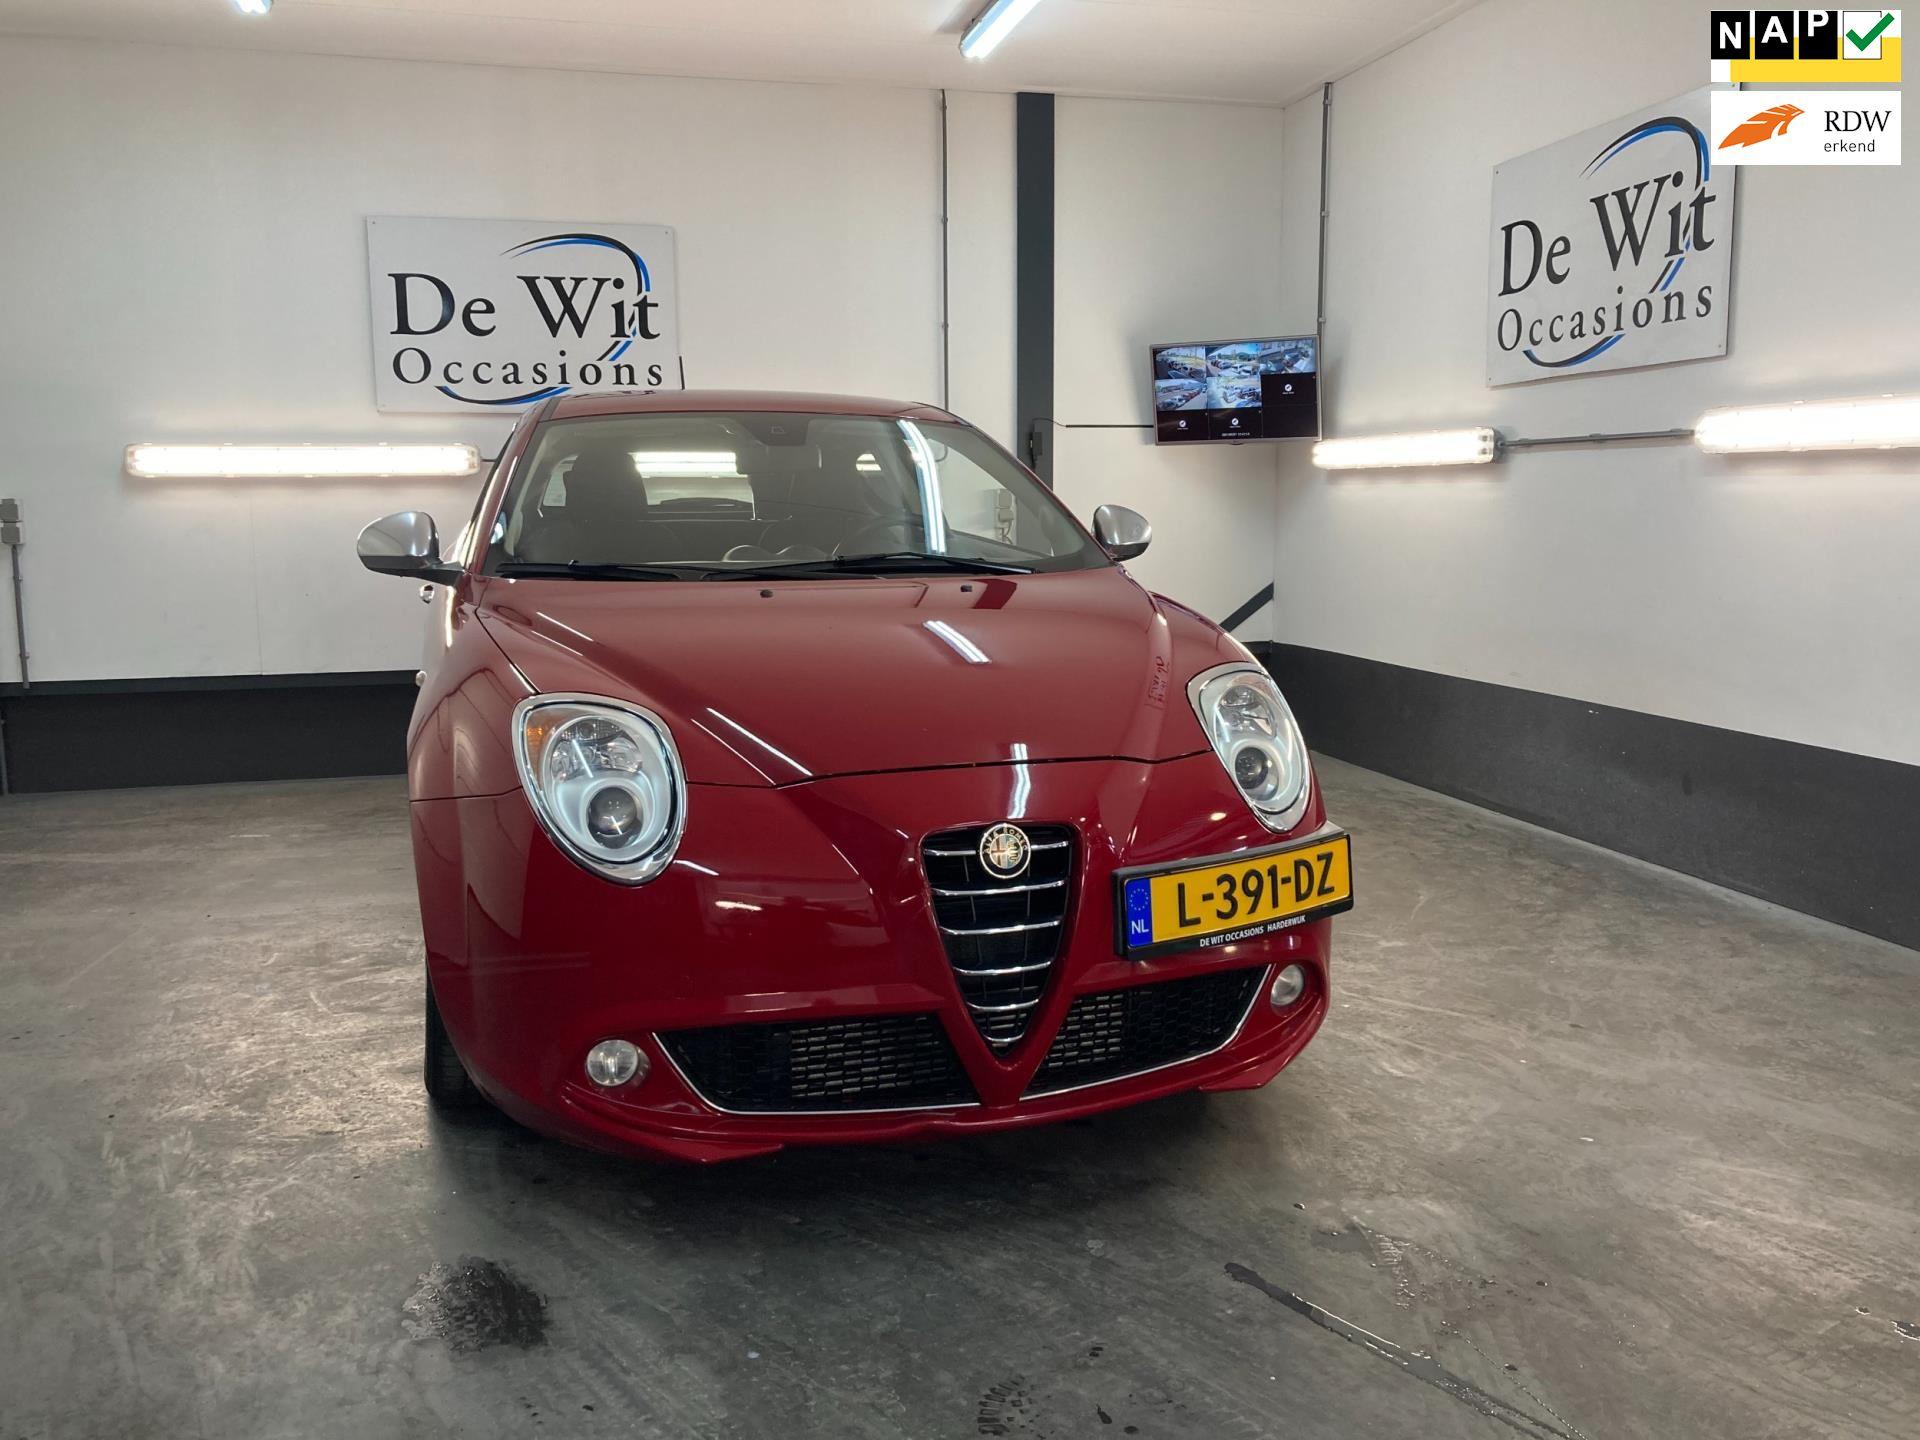 Alfa Romeo MiTo occasion - De Wit Occasions